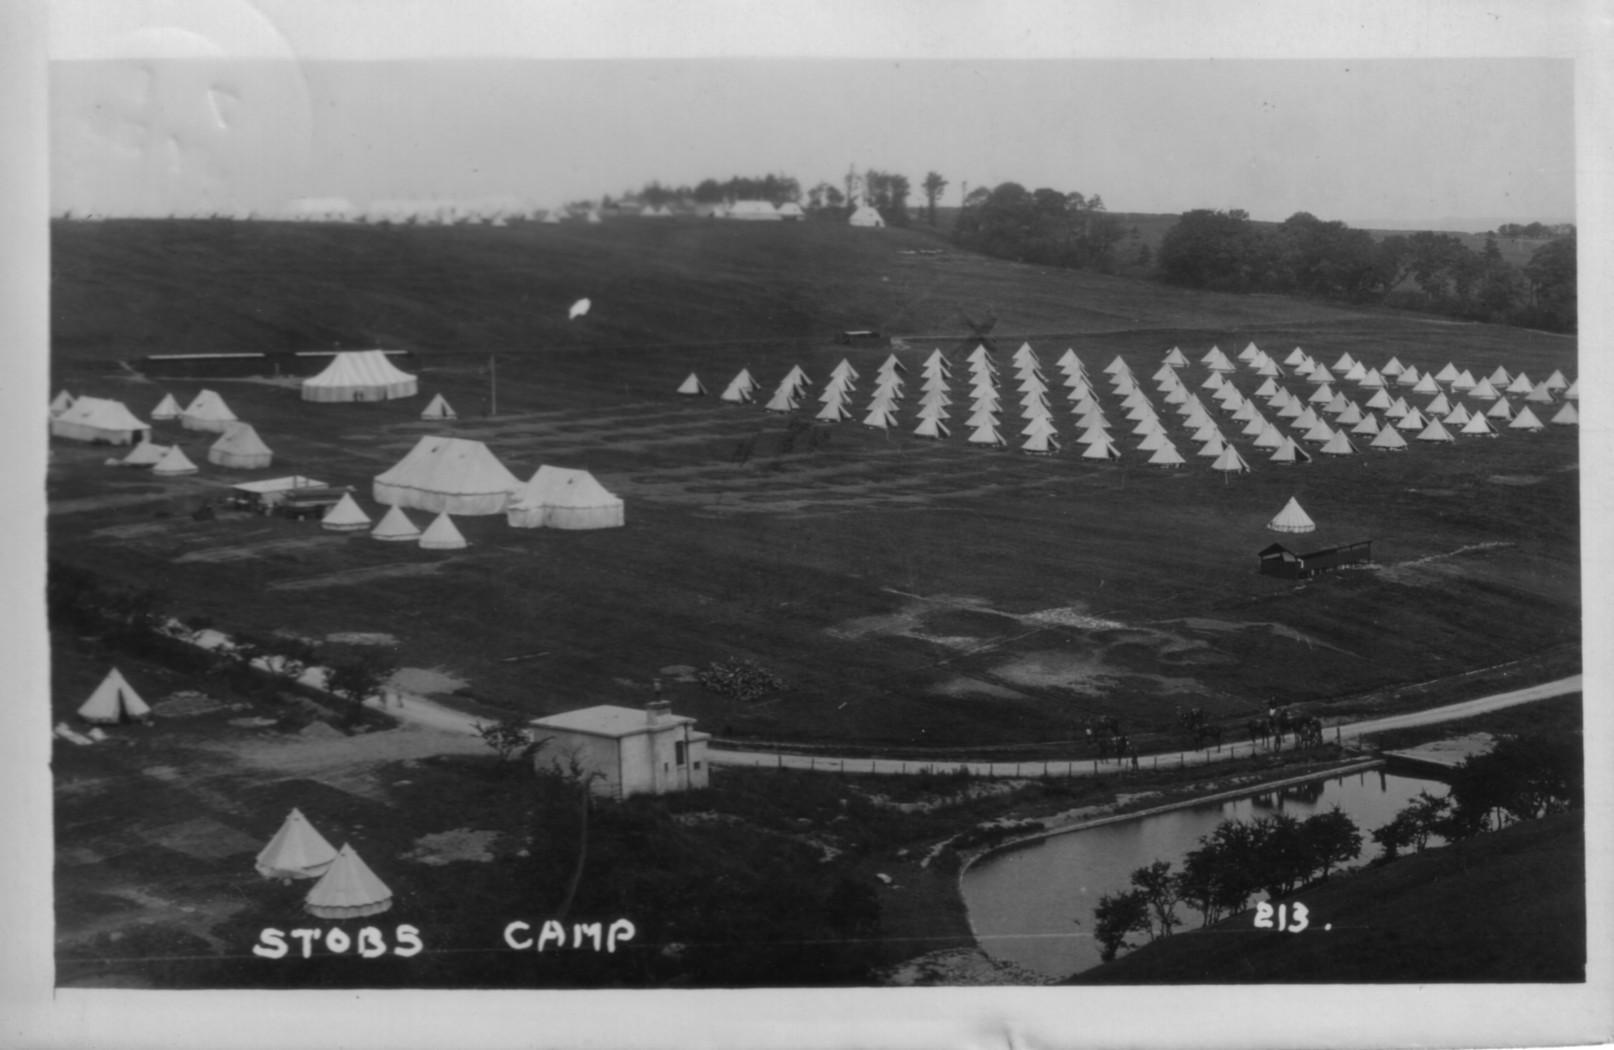 Stobs Camp; Bell Tents; 1912; First World War; Postcard